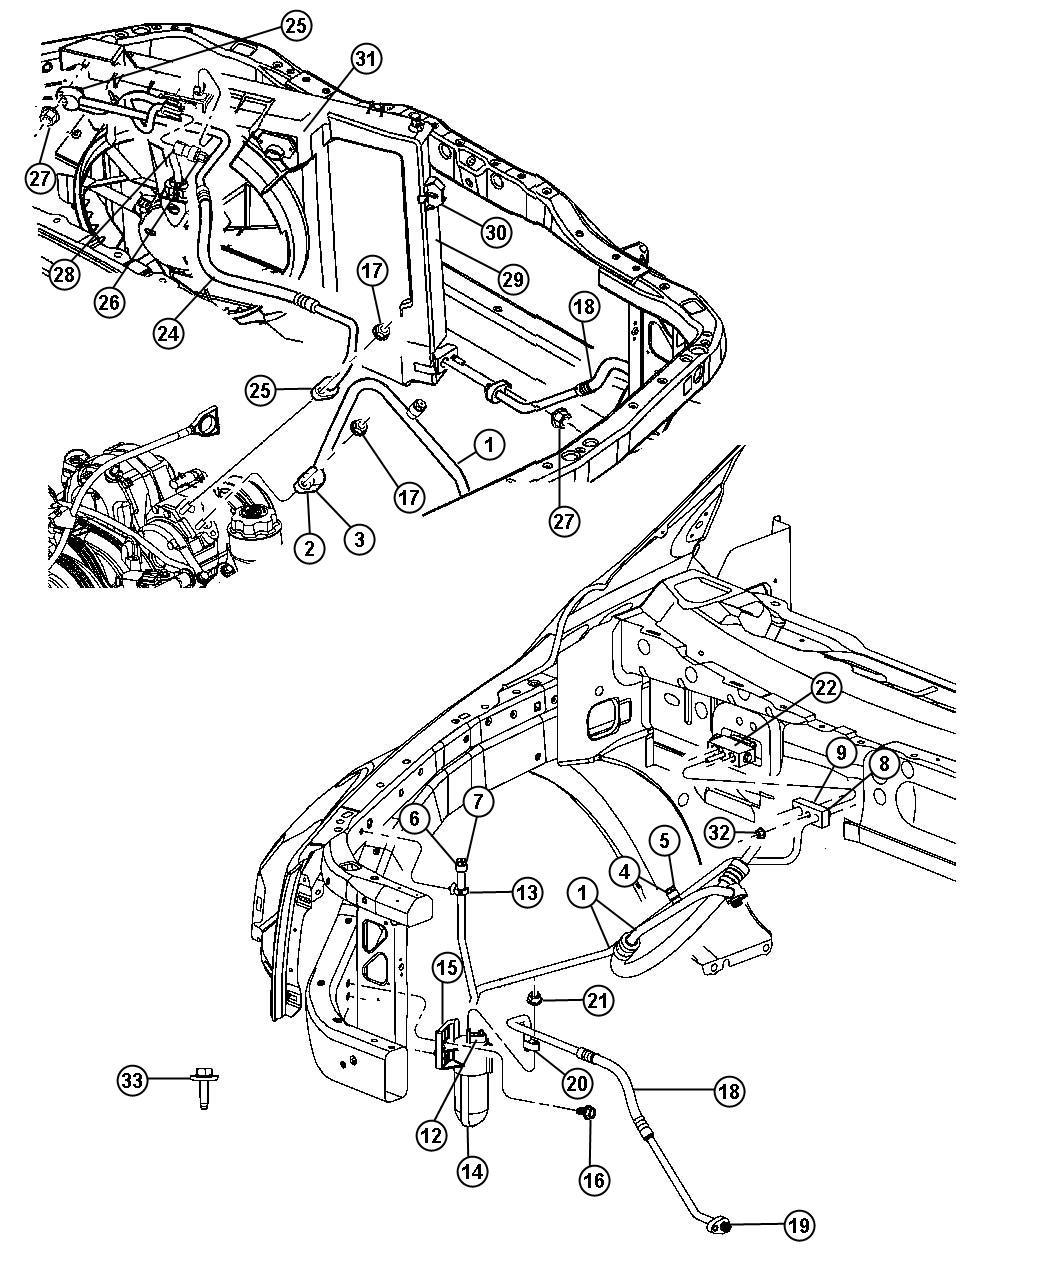 Dodge Durango Valve, valve core. A/c line, charging